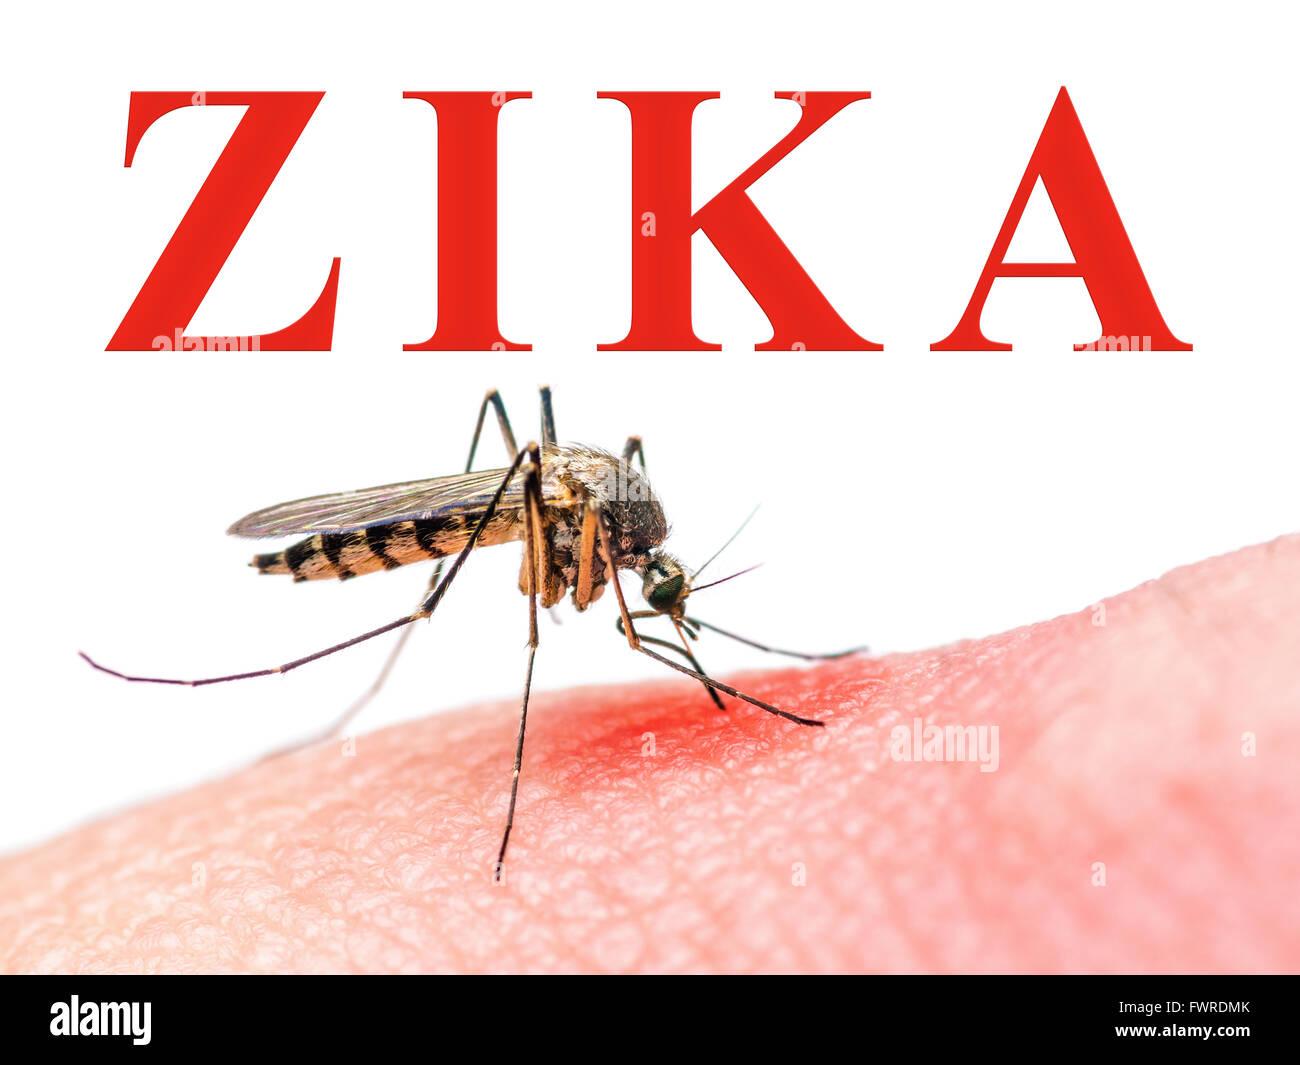 Zika Virus Mosquito - Stock Image